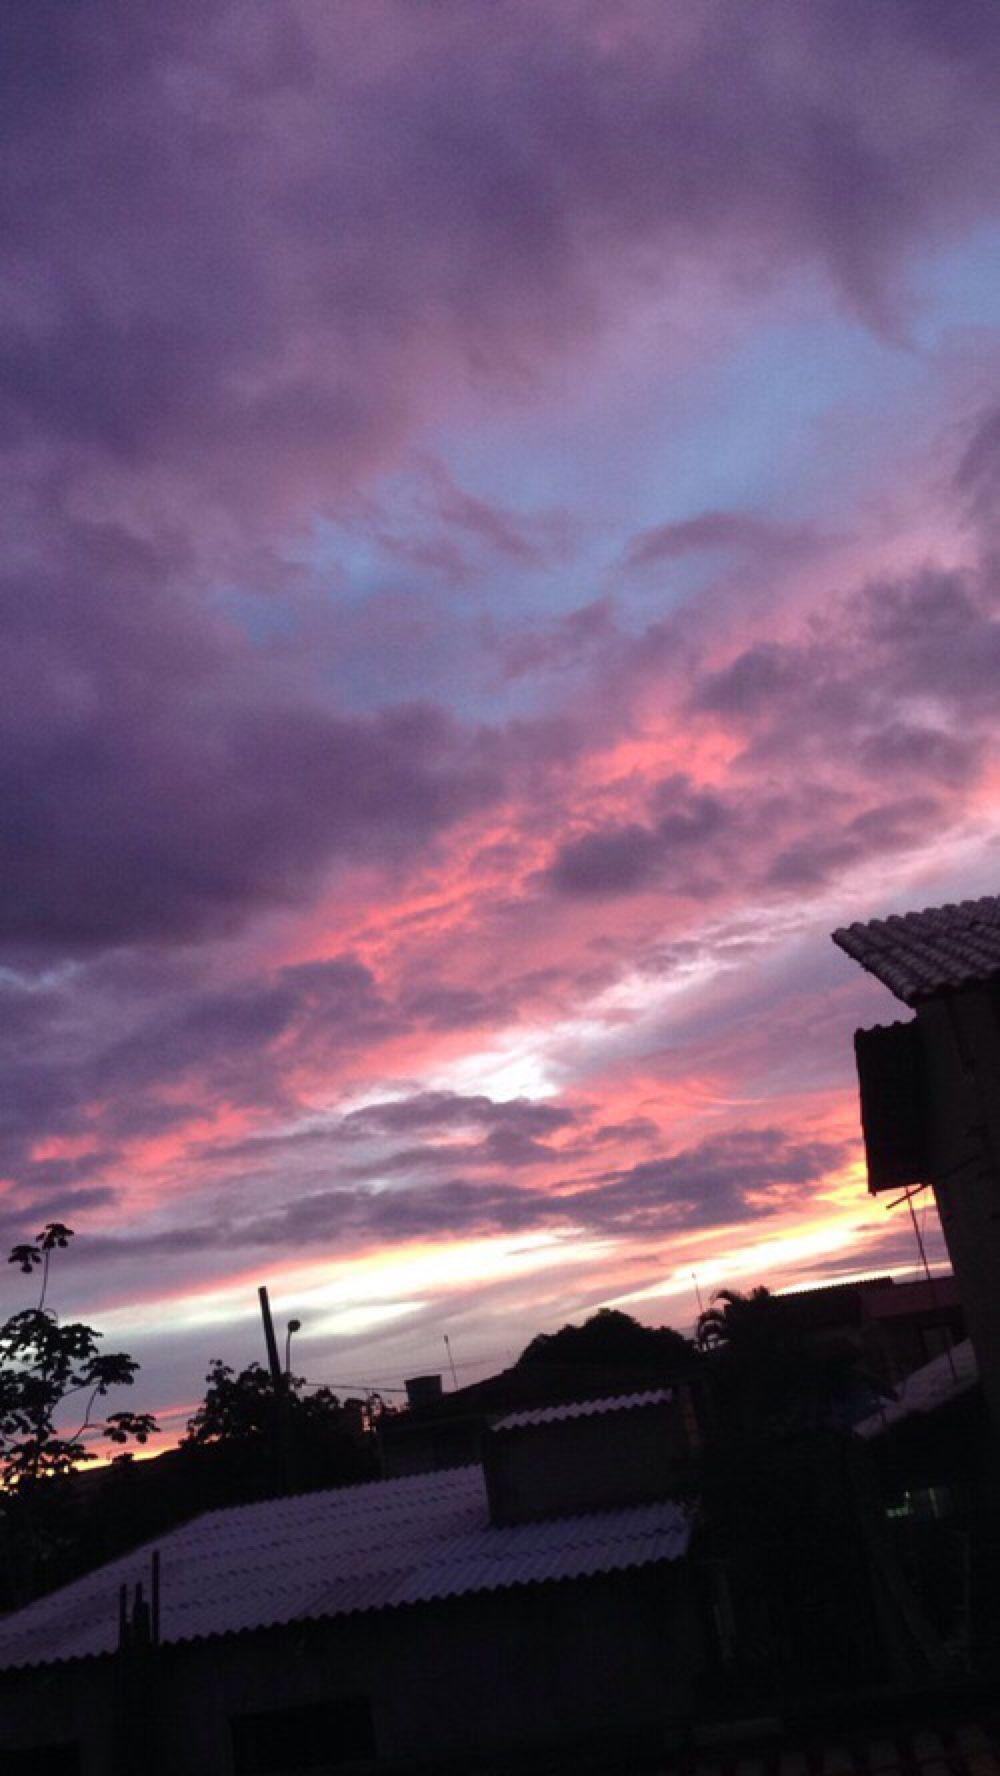 Sky Aesthetic Photo Purple Photos Paysage